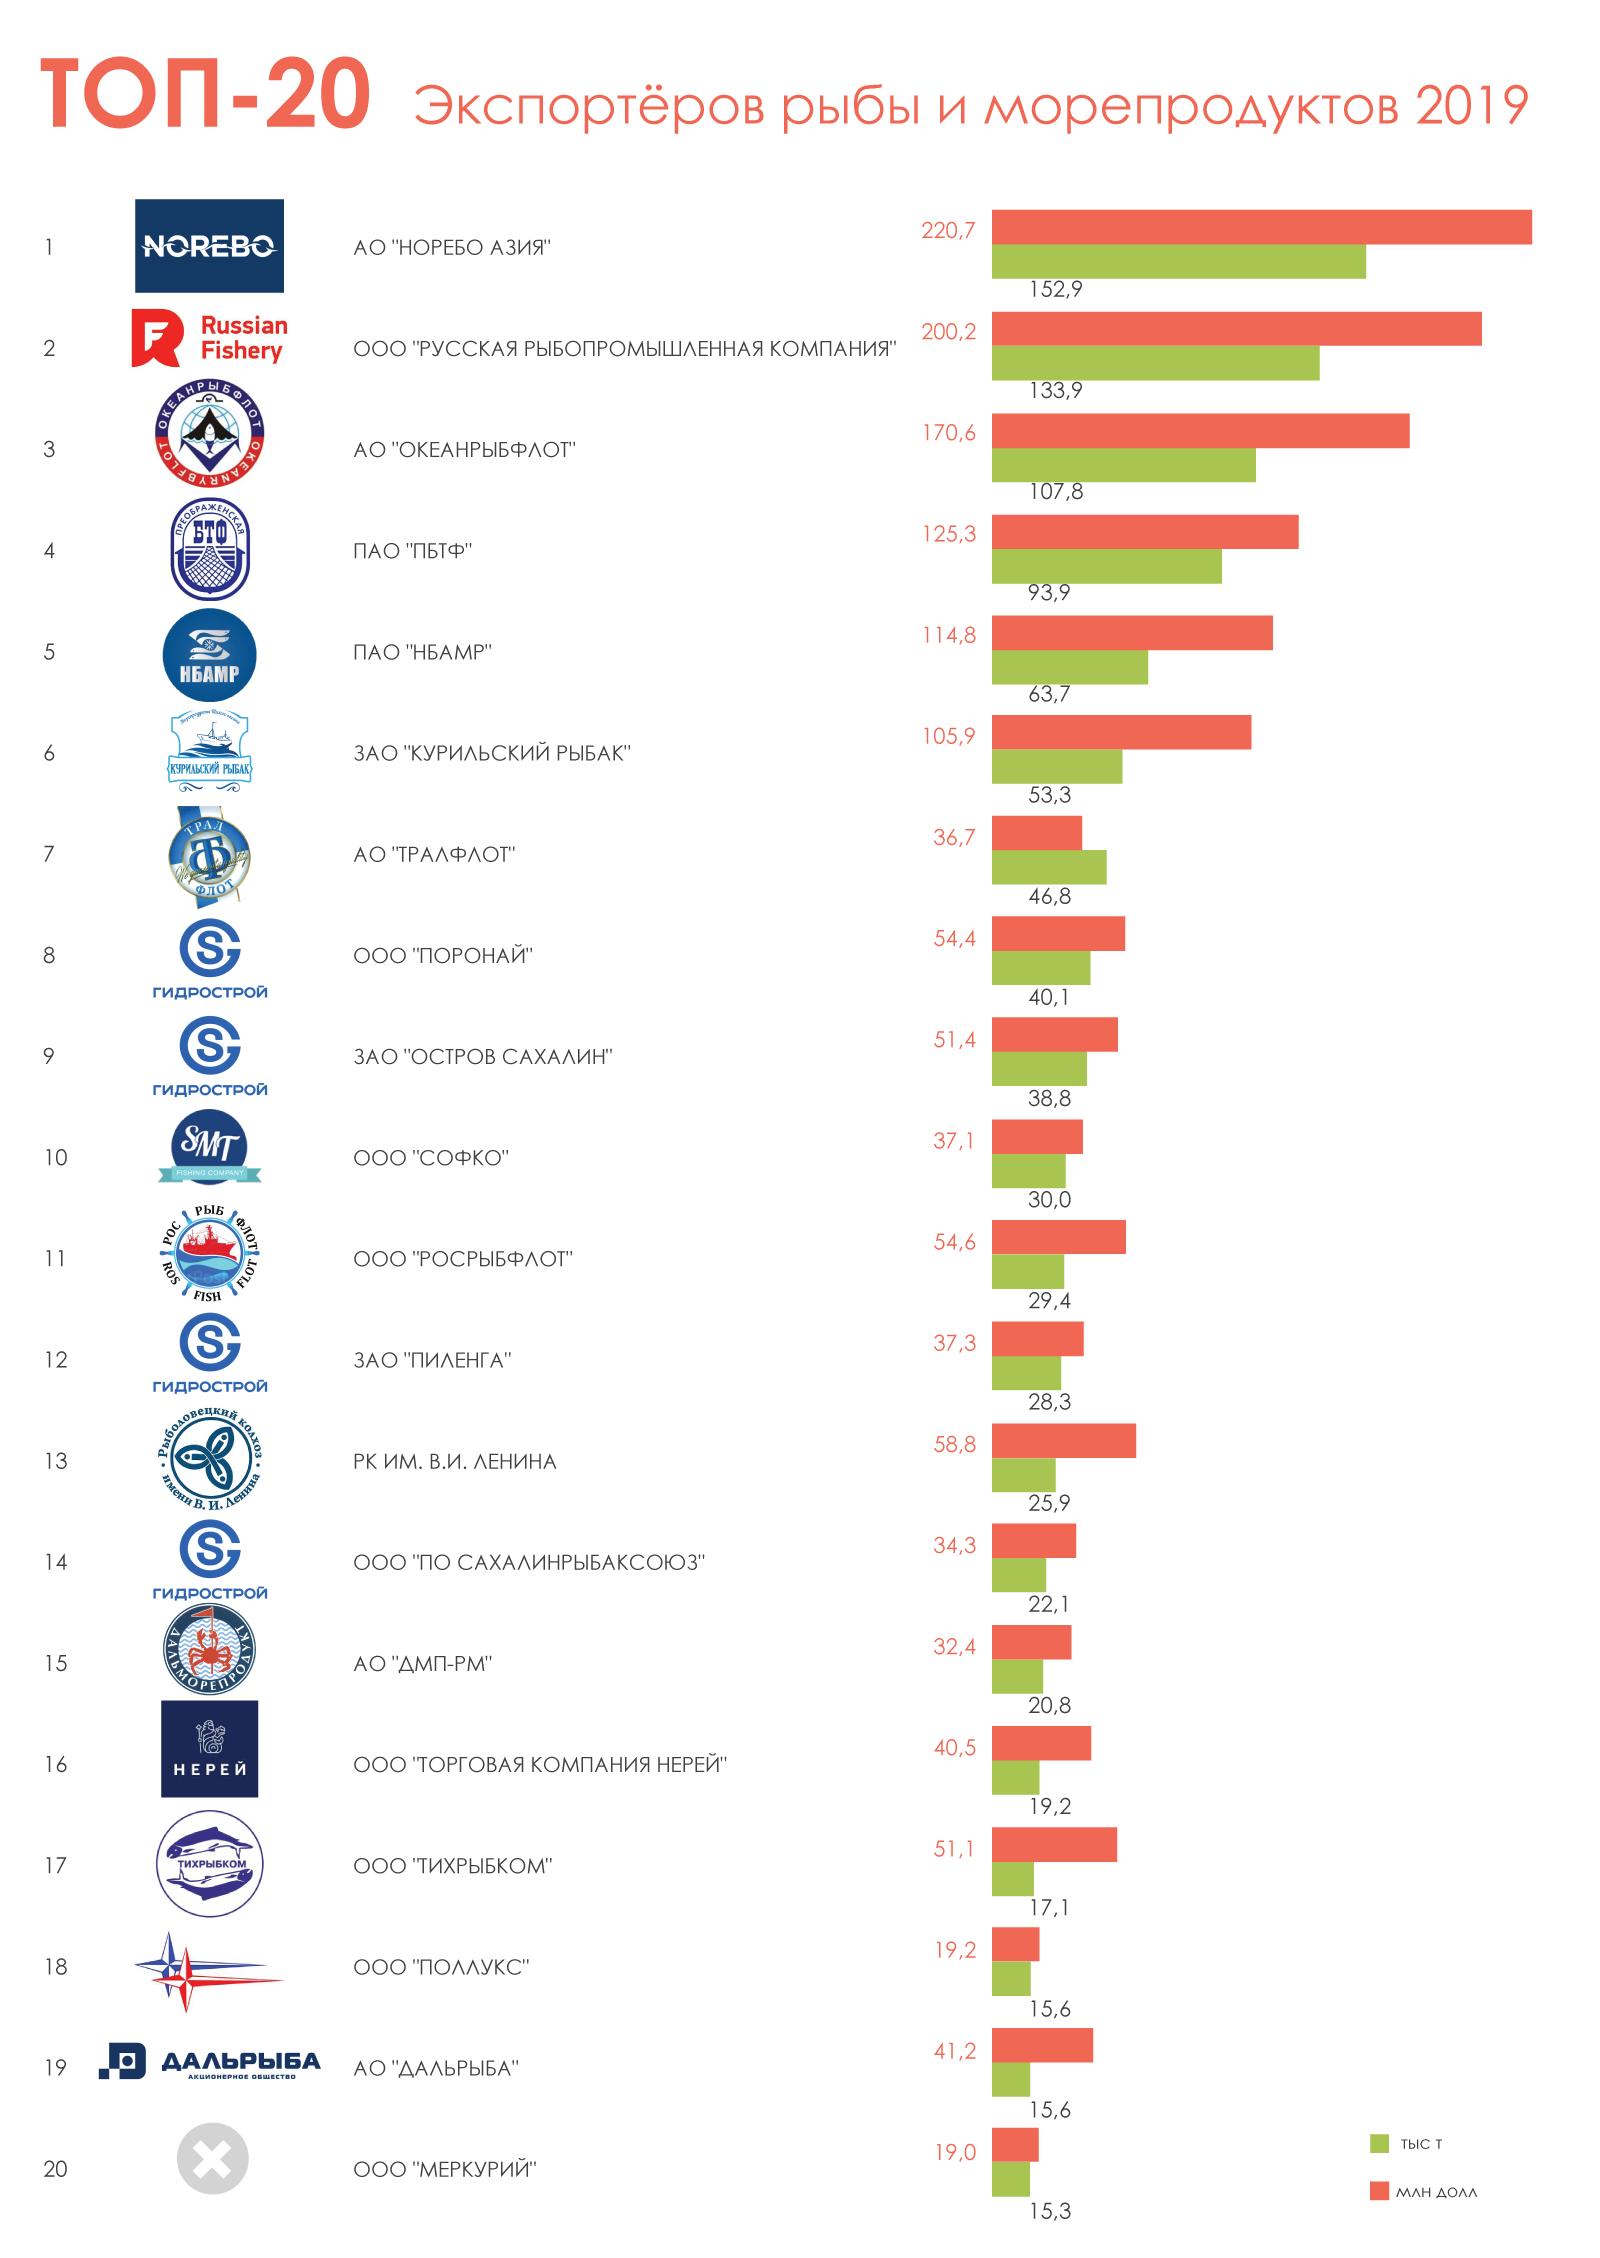 ТОП-20-экспортёров-рыбы-и-морепродуктов-2019